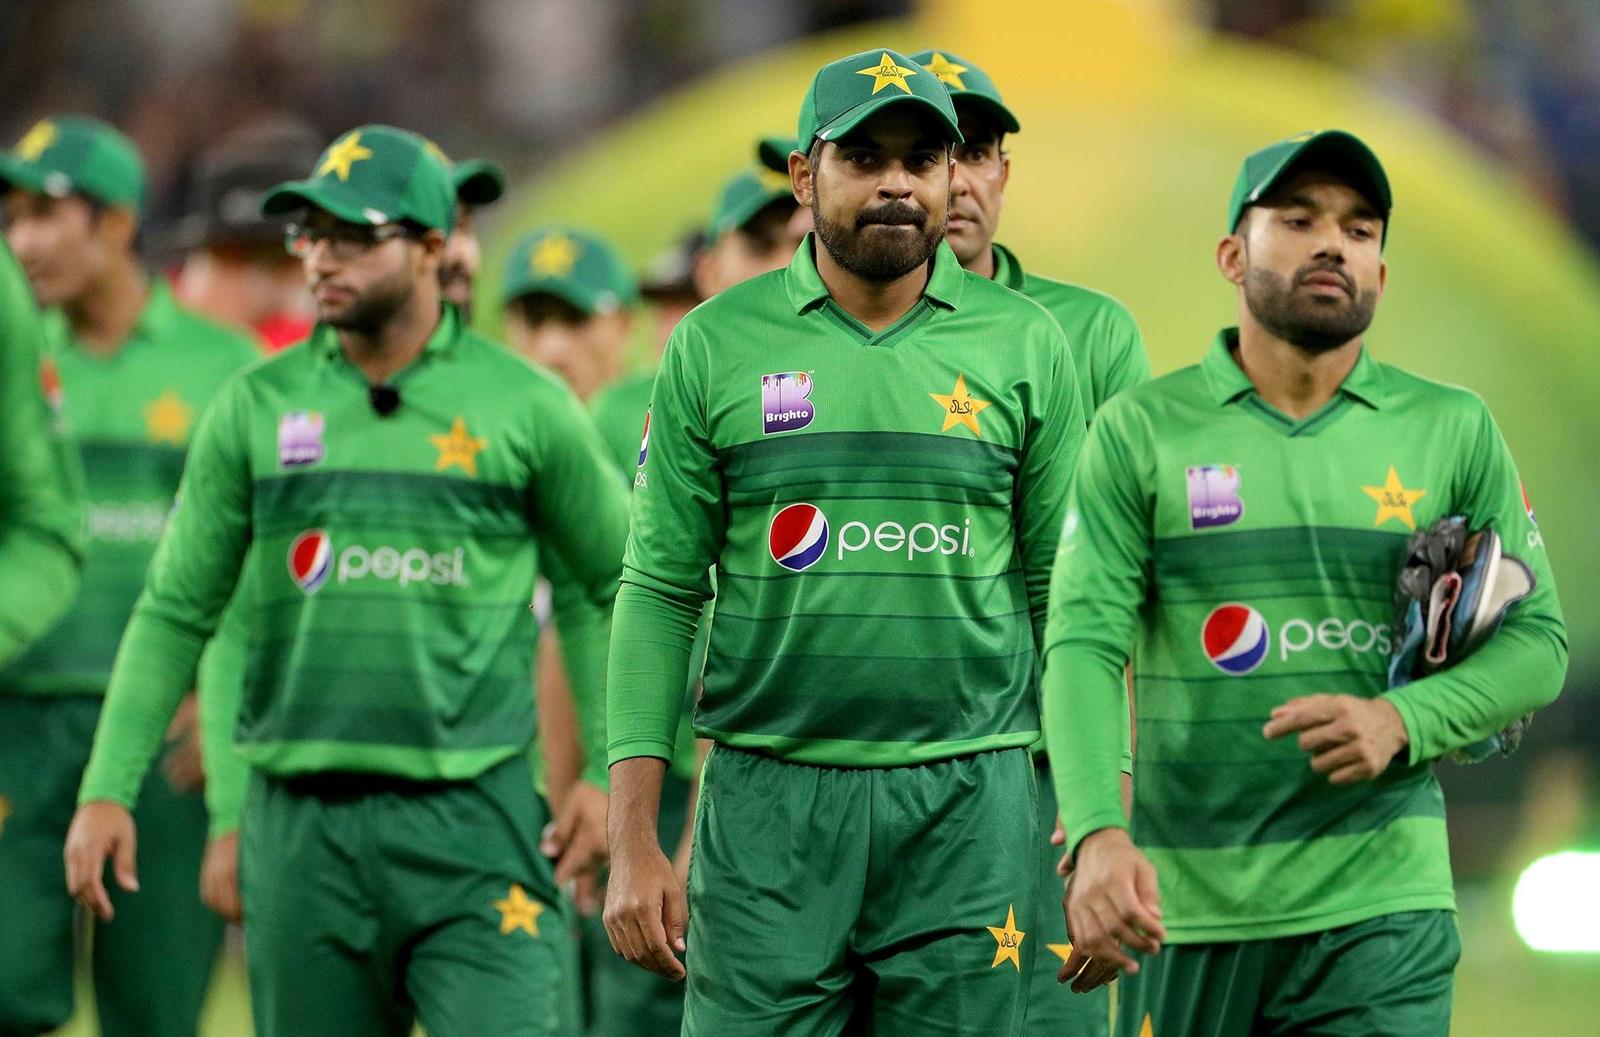 पाकिस्तान से छीन सकती है एशिया कप 2020 की मेजबानी, भारत बनेगा बड़ी वजह 1